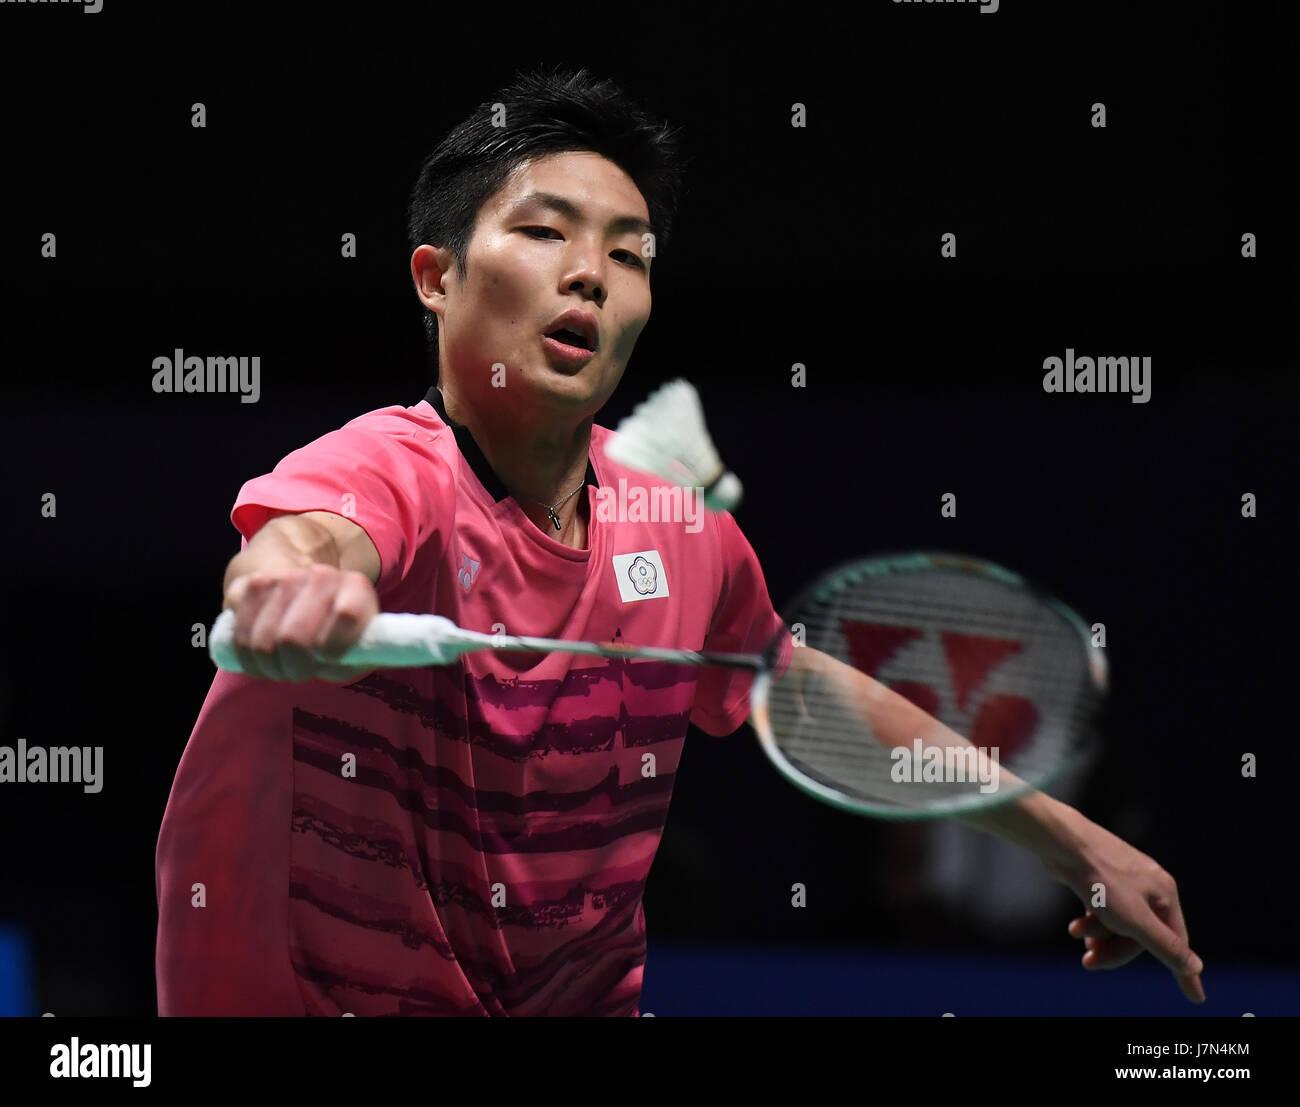 GOLD COAST May 25 2017 Xinhua Chou Tien Chen of